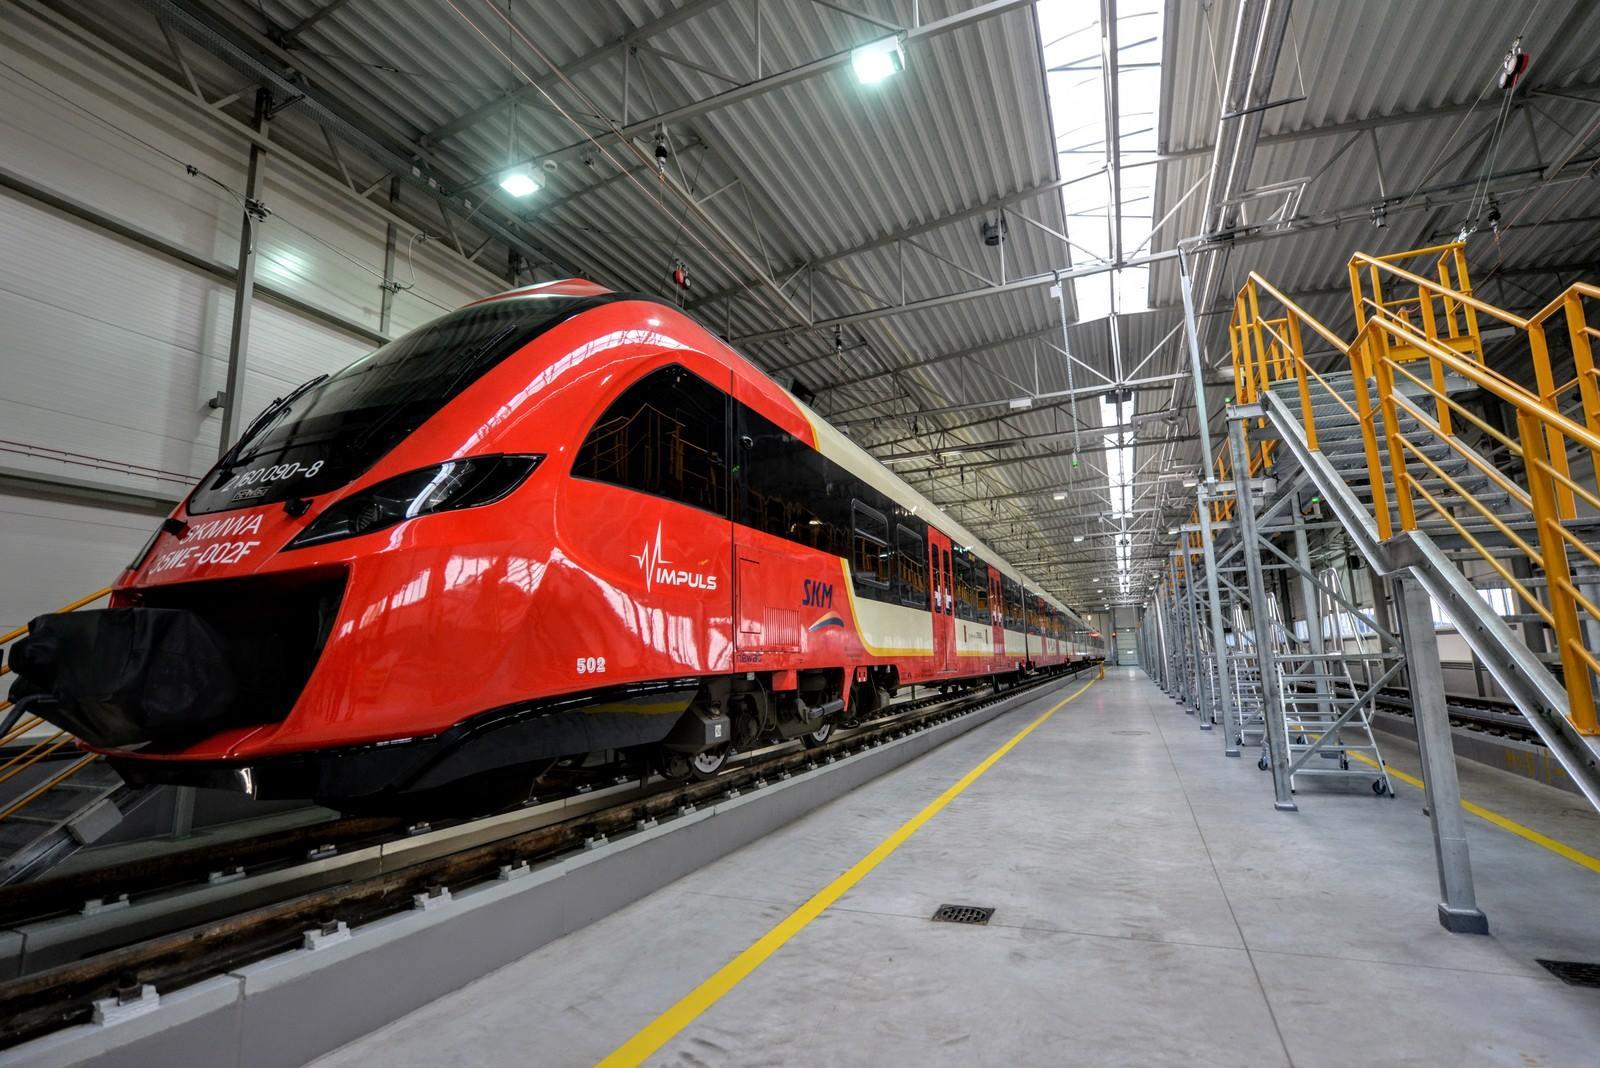 SKM Warszawa skorzysta z dofinansowania CUPT. Spółka kupi 21 nowych pociągów